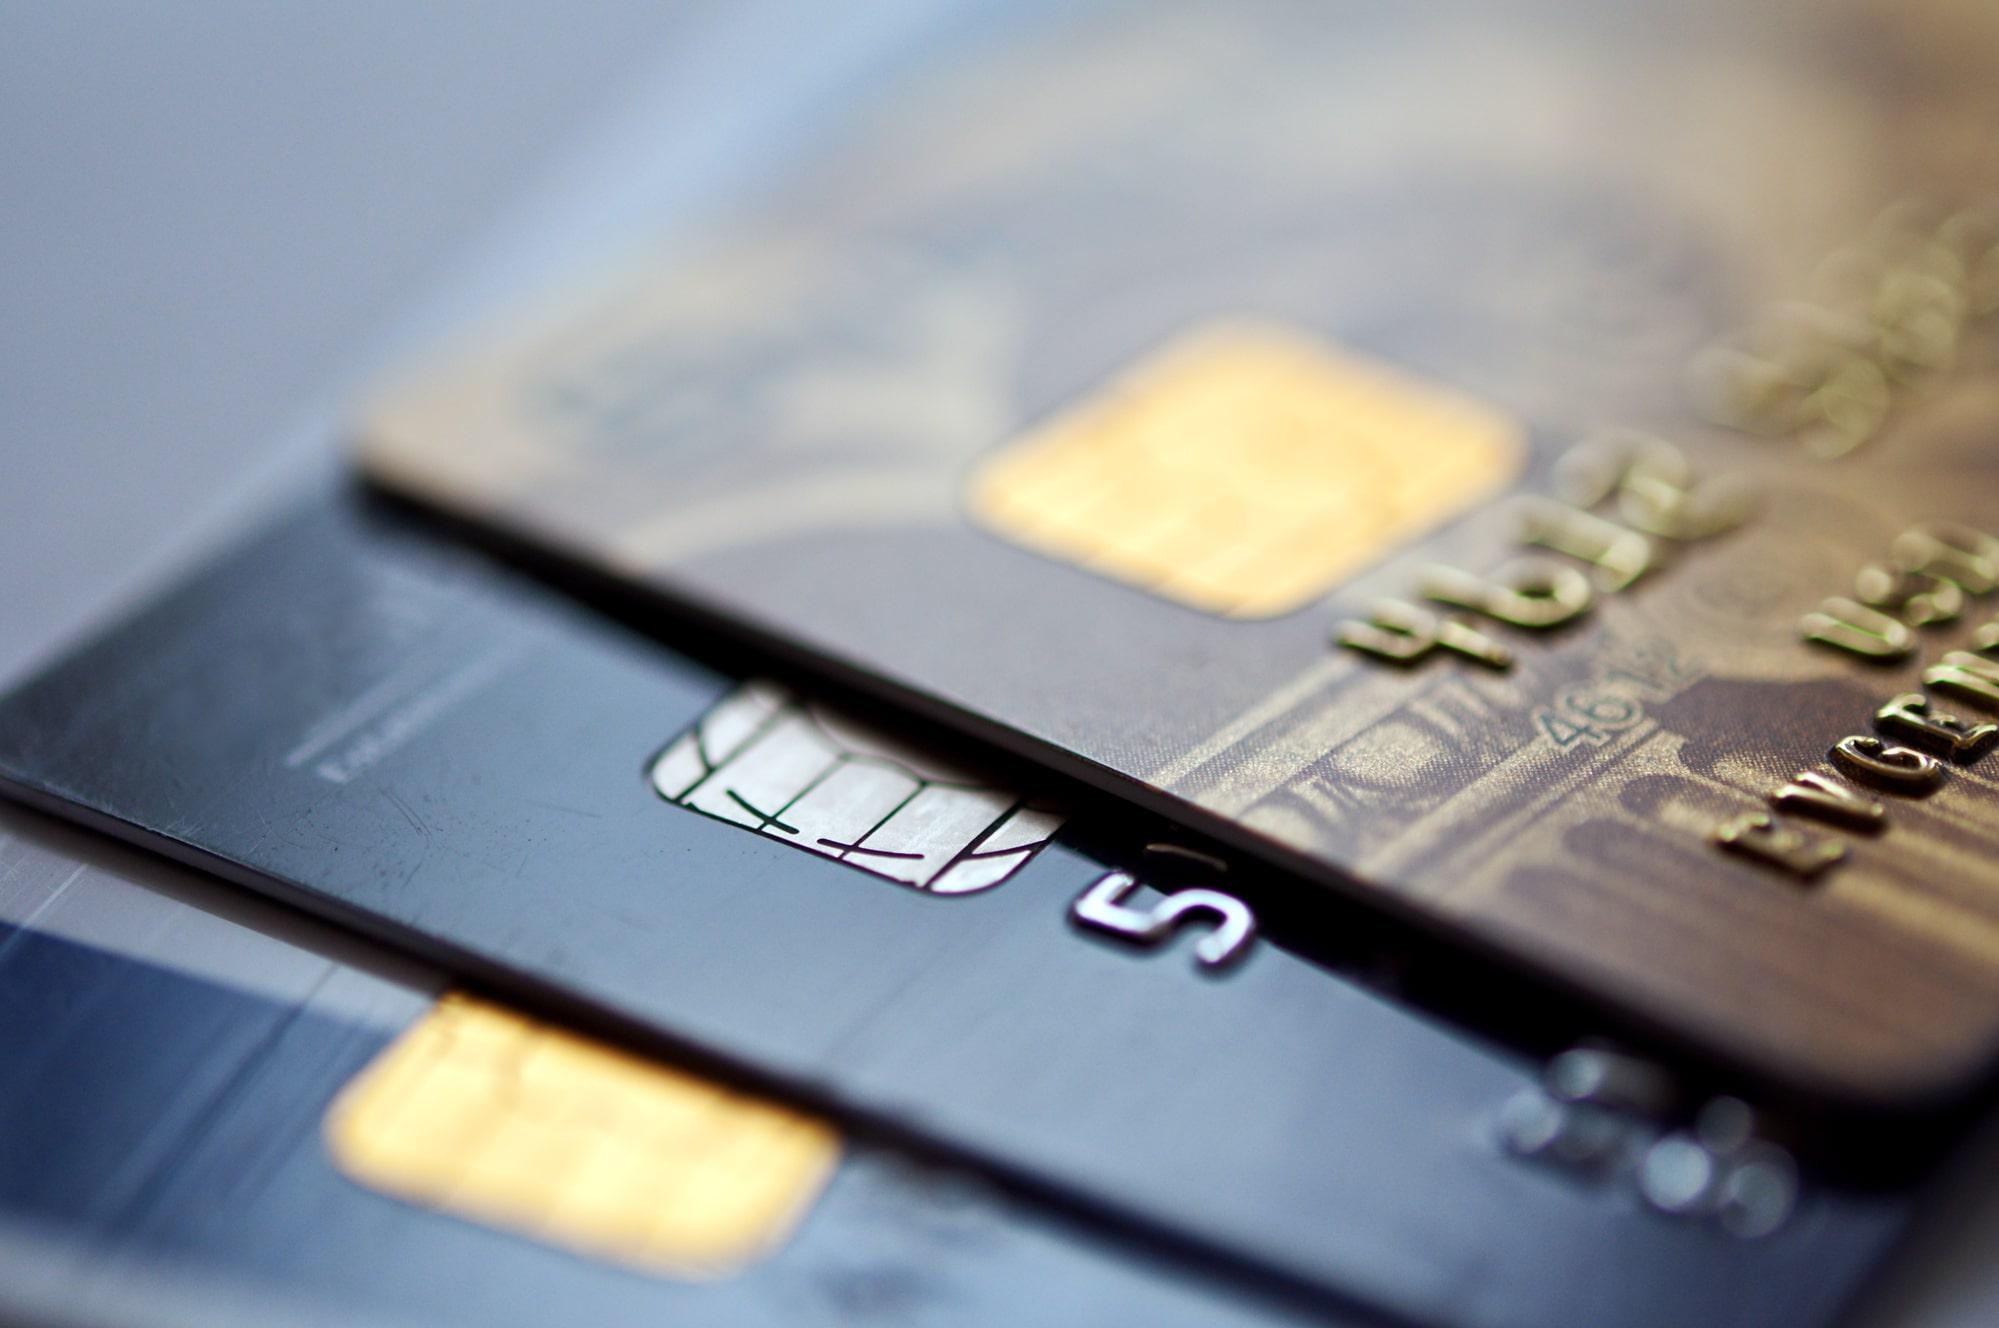 оформить кредитную карту совесть онлайн с моментальным решением без справок с доставкой